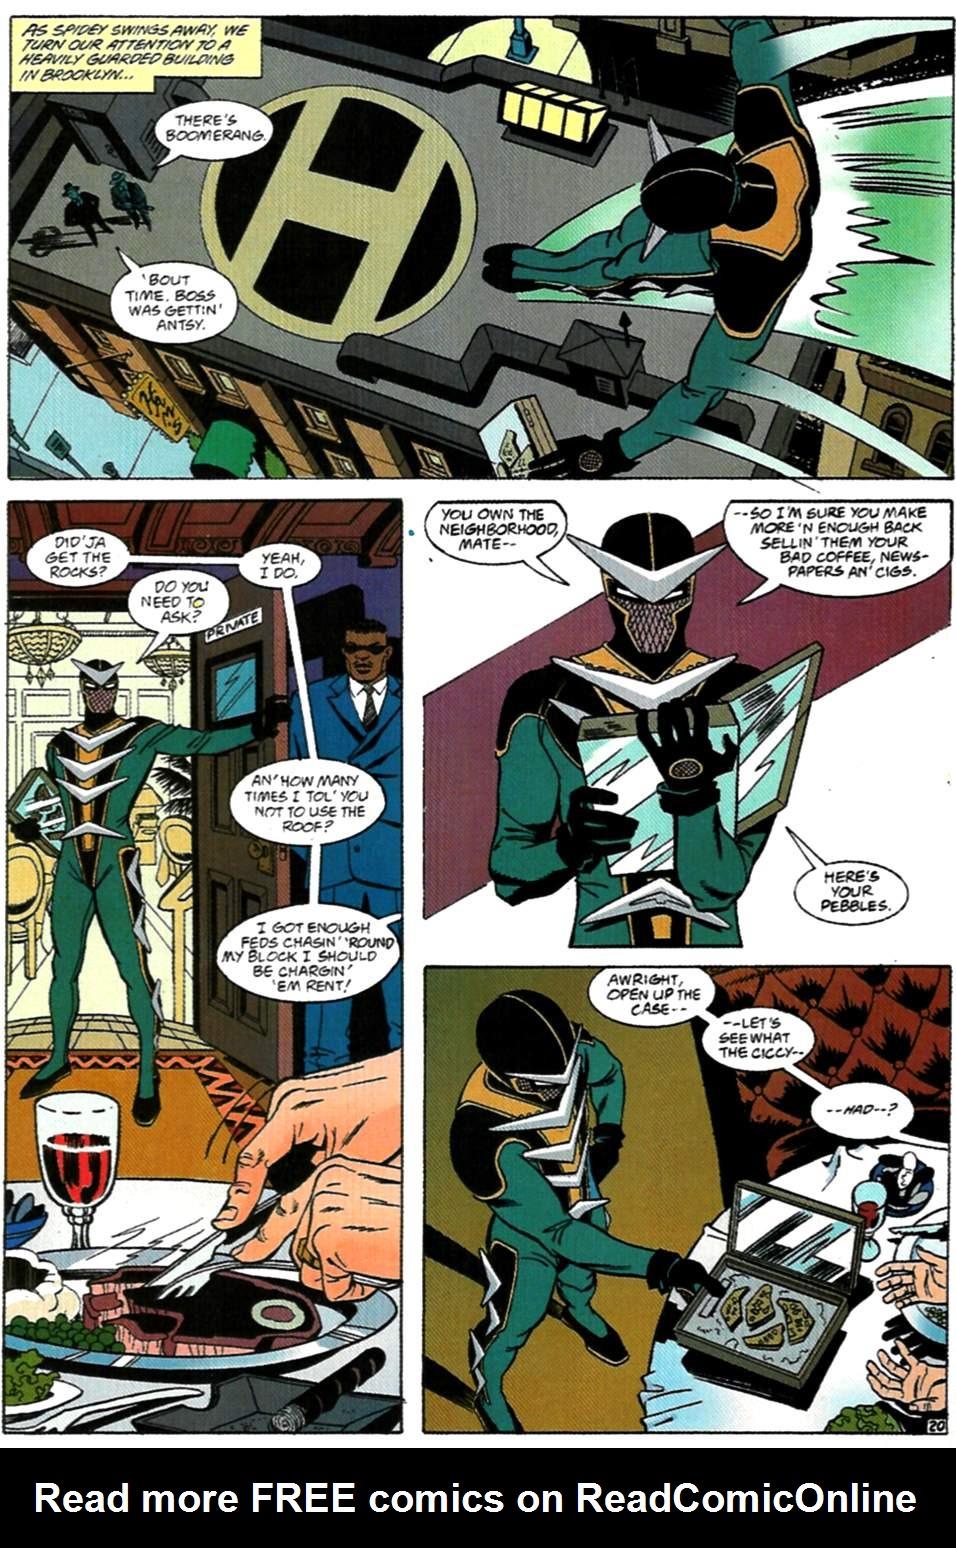 Read online Spider-Man: Lifeline comic -  Issue #1 - 21